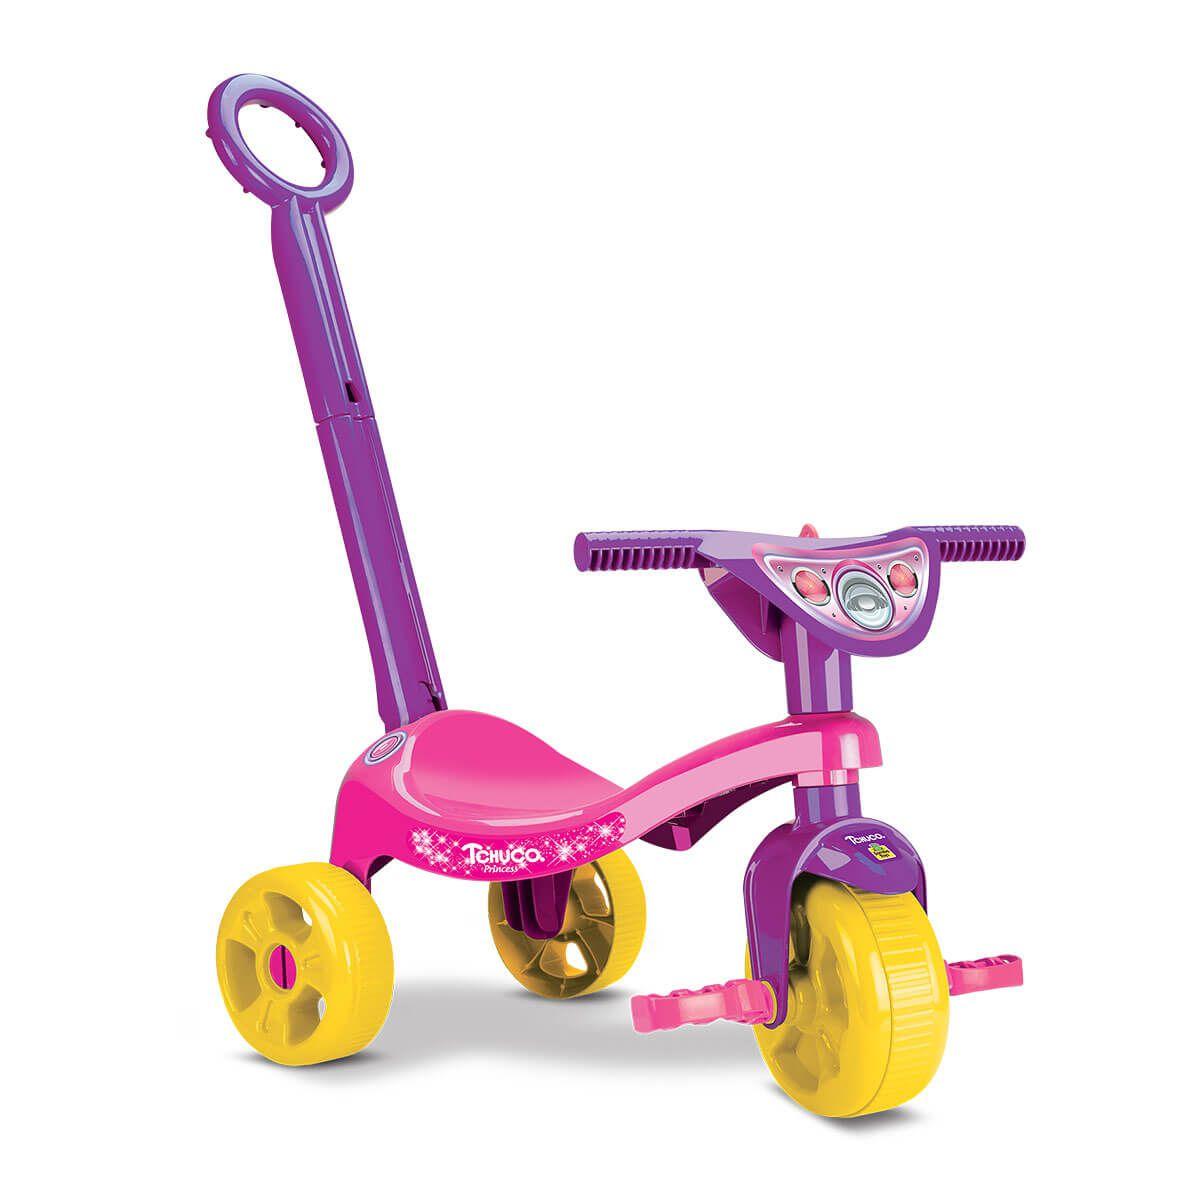 Triciclo Tchuco Princess Adele Com Haste 0607 Samba Toys